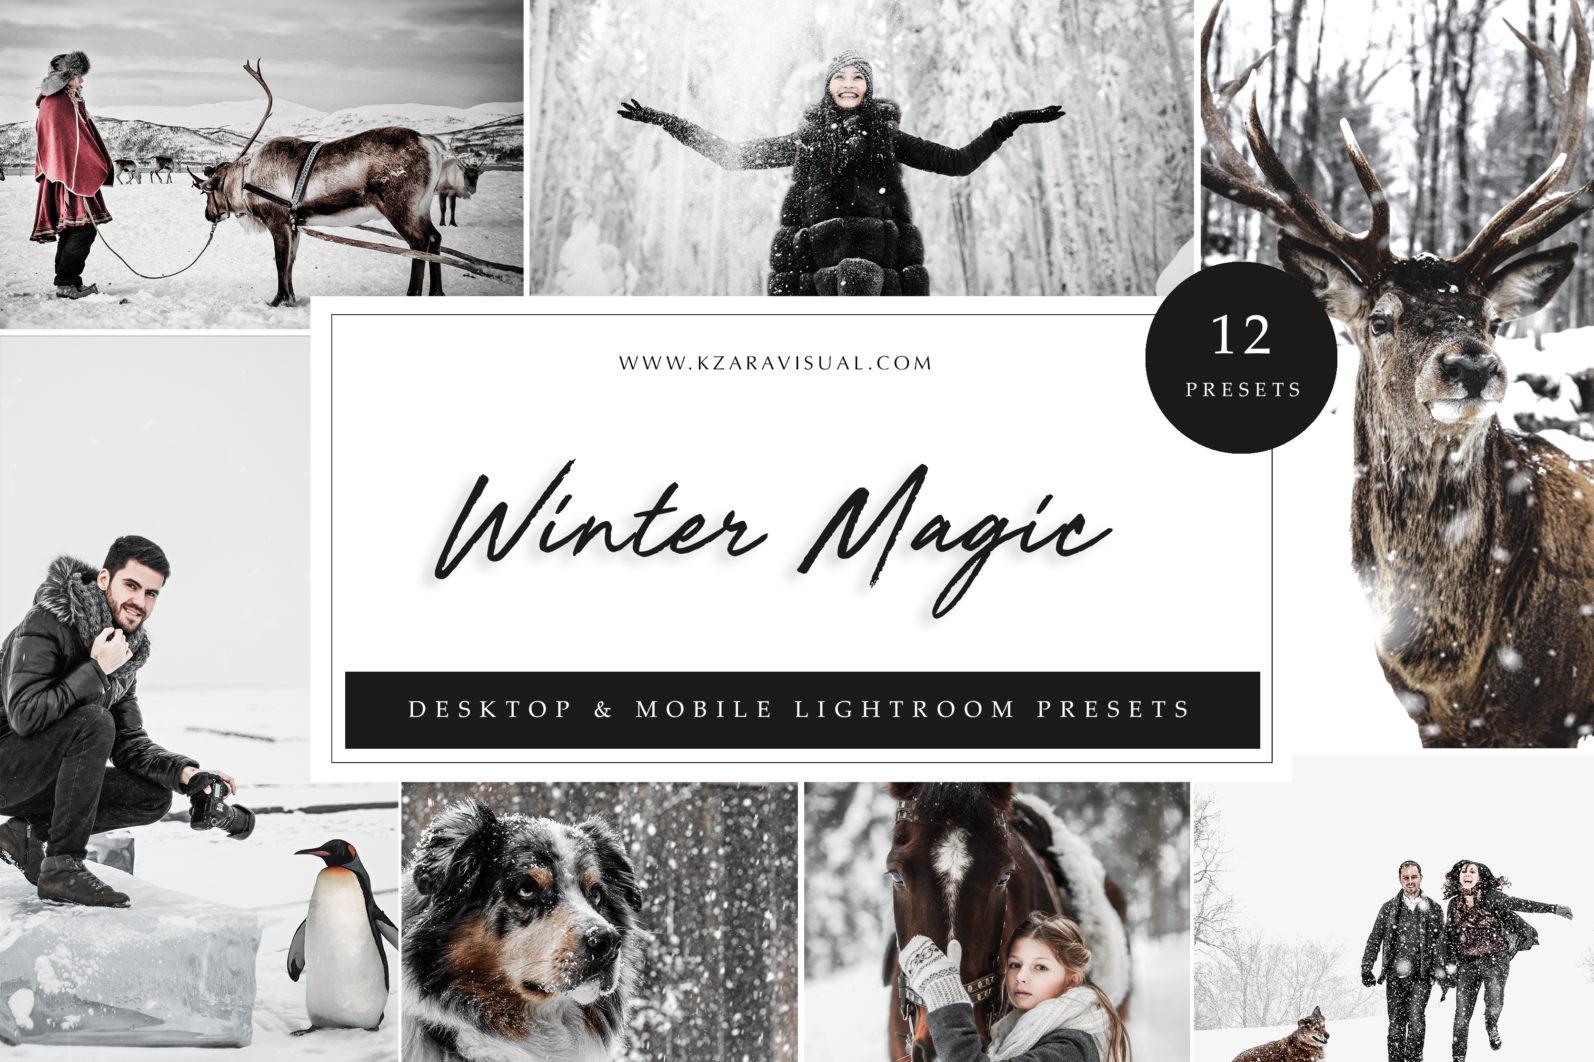 12 x Lightroom Presets, Winter Magic Presets, Outdoor Presets, Gray Tones Presets, Portrait Presets - Winter Magic LR scaled -